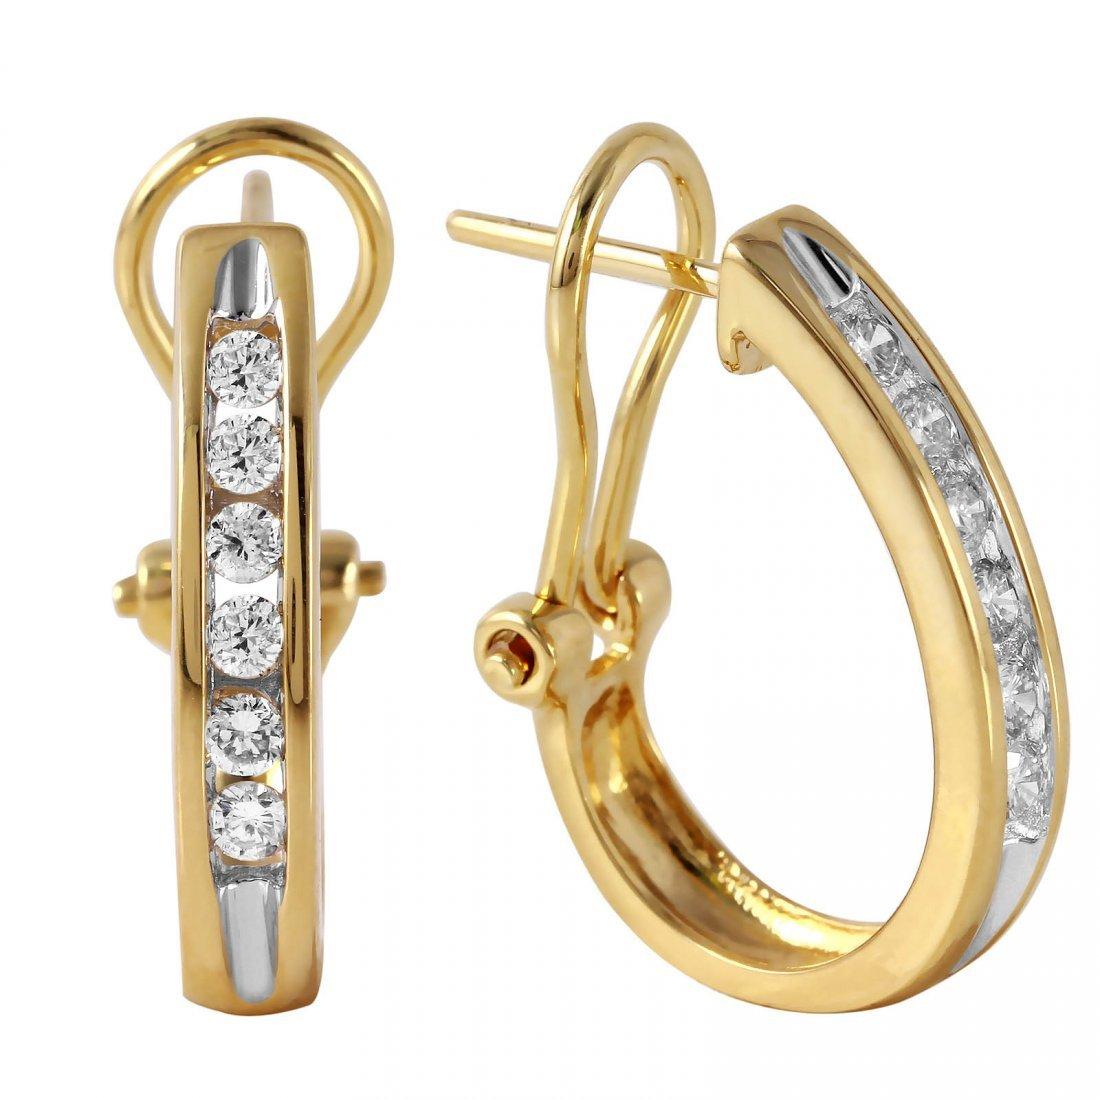 14KT Yellow Gold Diamond Omega Earrings - 2